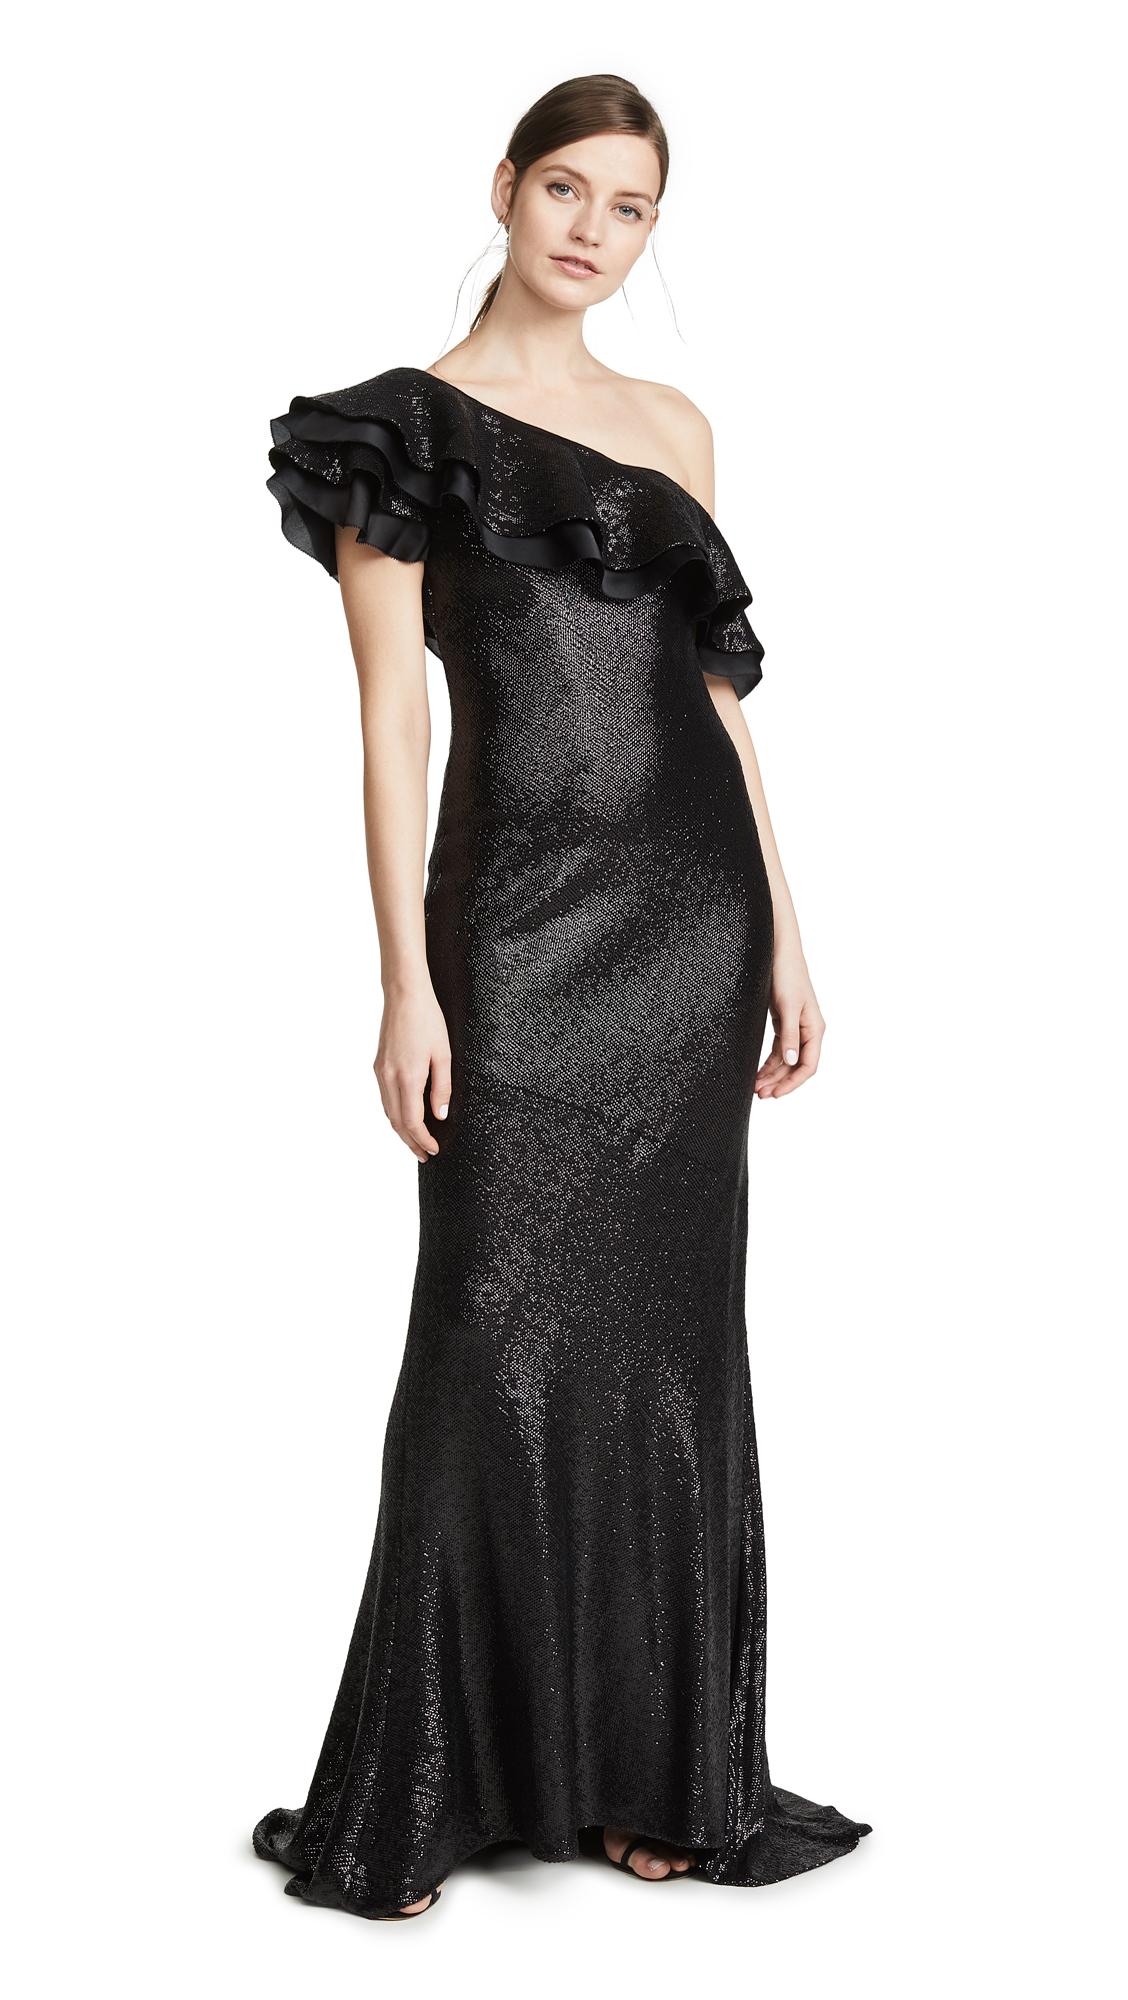 Rachel Zoe Jazz Gown - Black